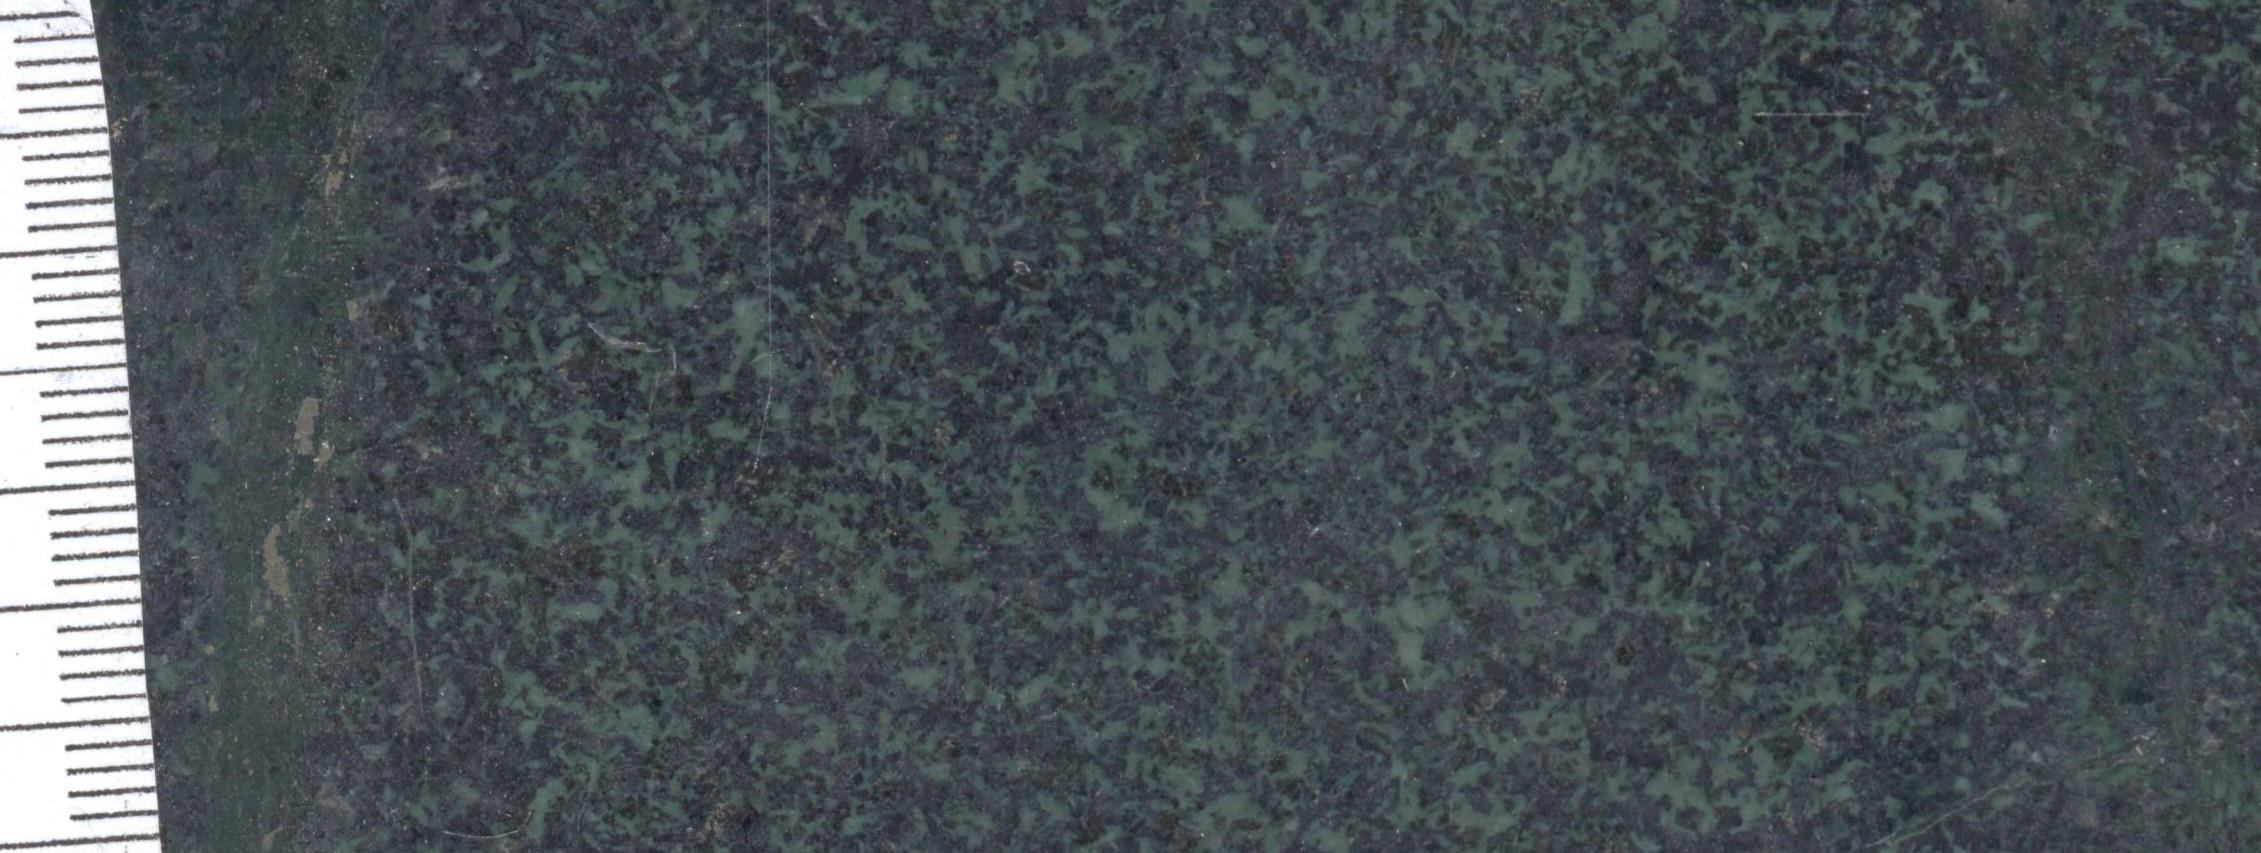 Gemlik Diabase M1468